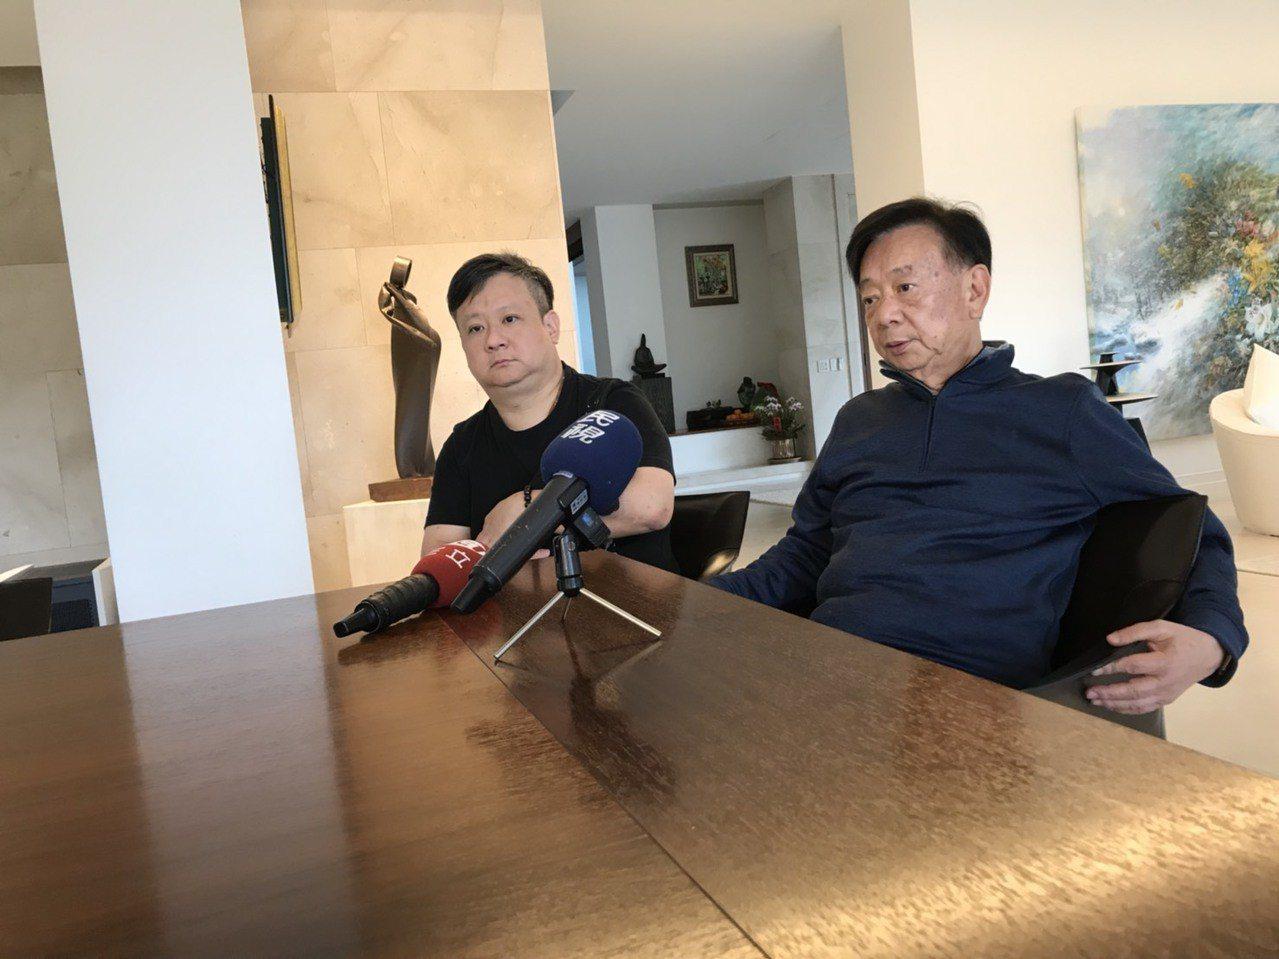 宣捷董事長宣明智(右)和兒子、總經理宣昶有今天提出賑災計畫。記者郭政芬/翻攝